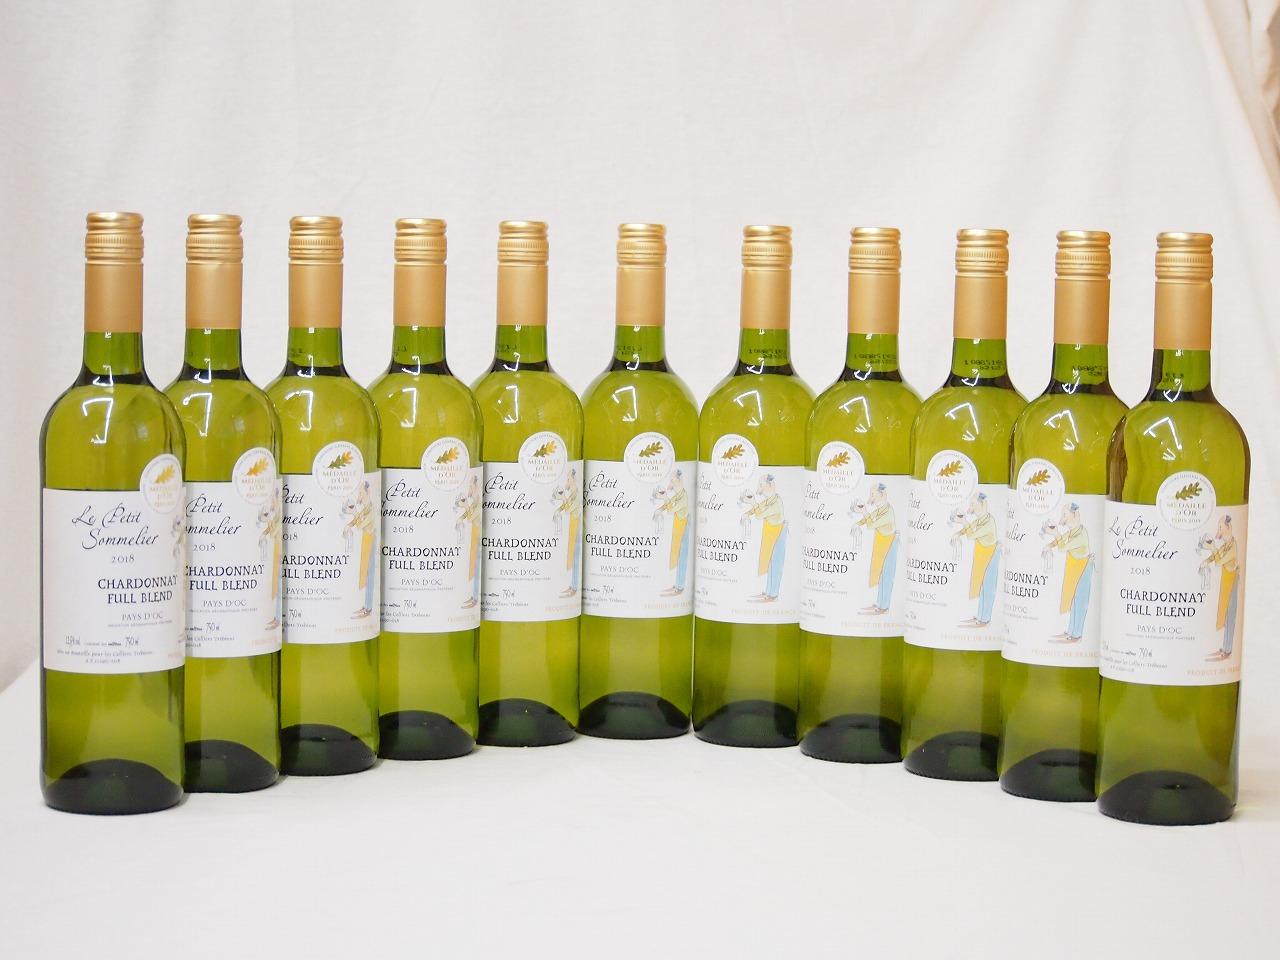 12本セットフランス金賞白ワイン クロズリー・サン・ヴァンサン 2016年 やや辛口 750ml×12本